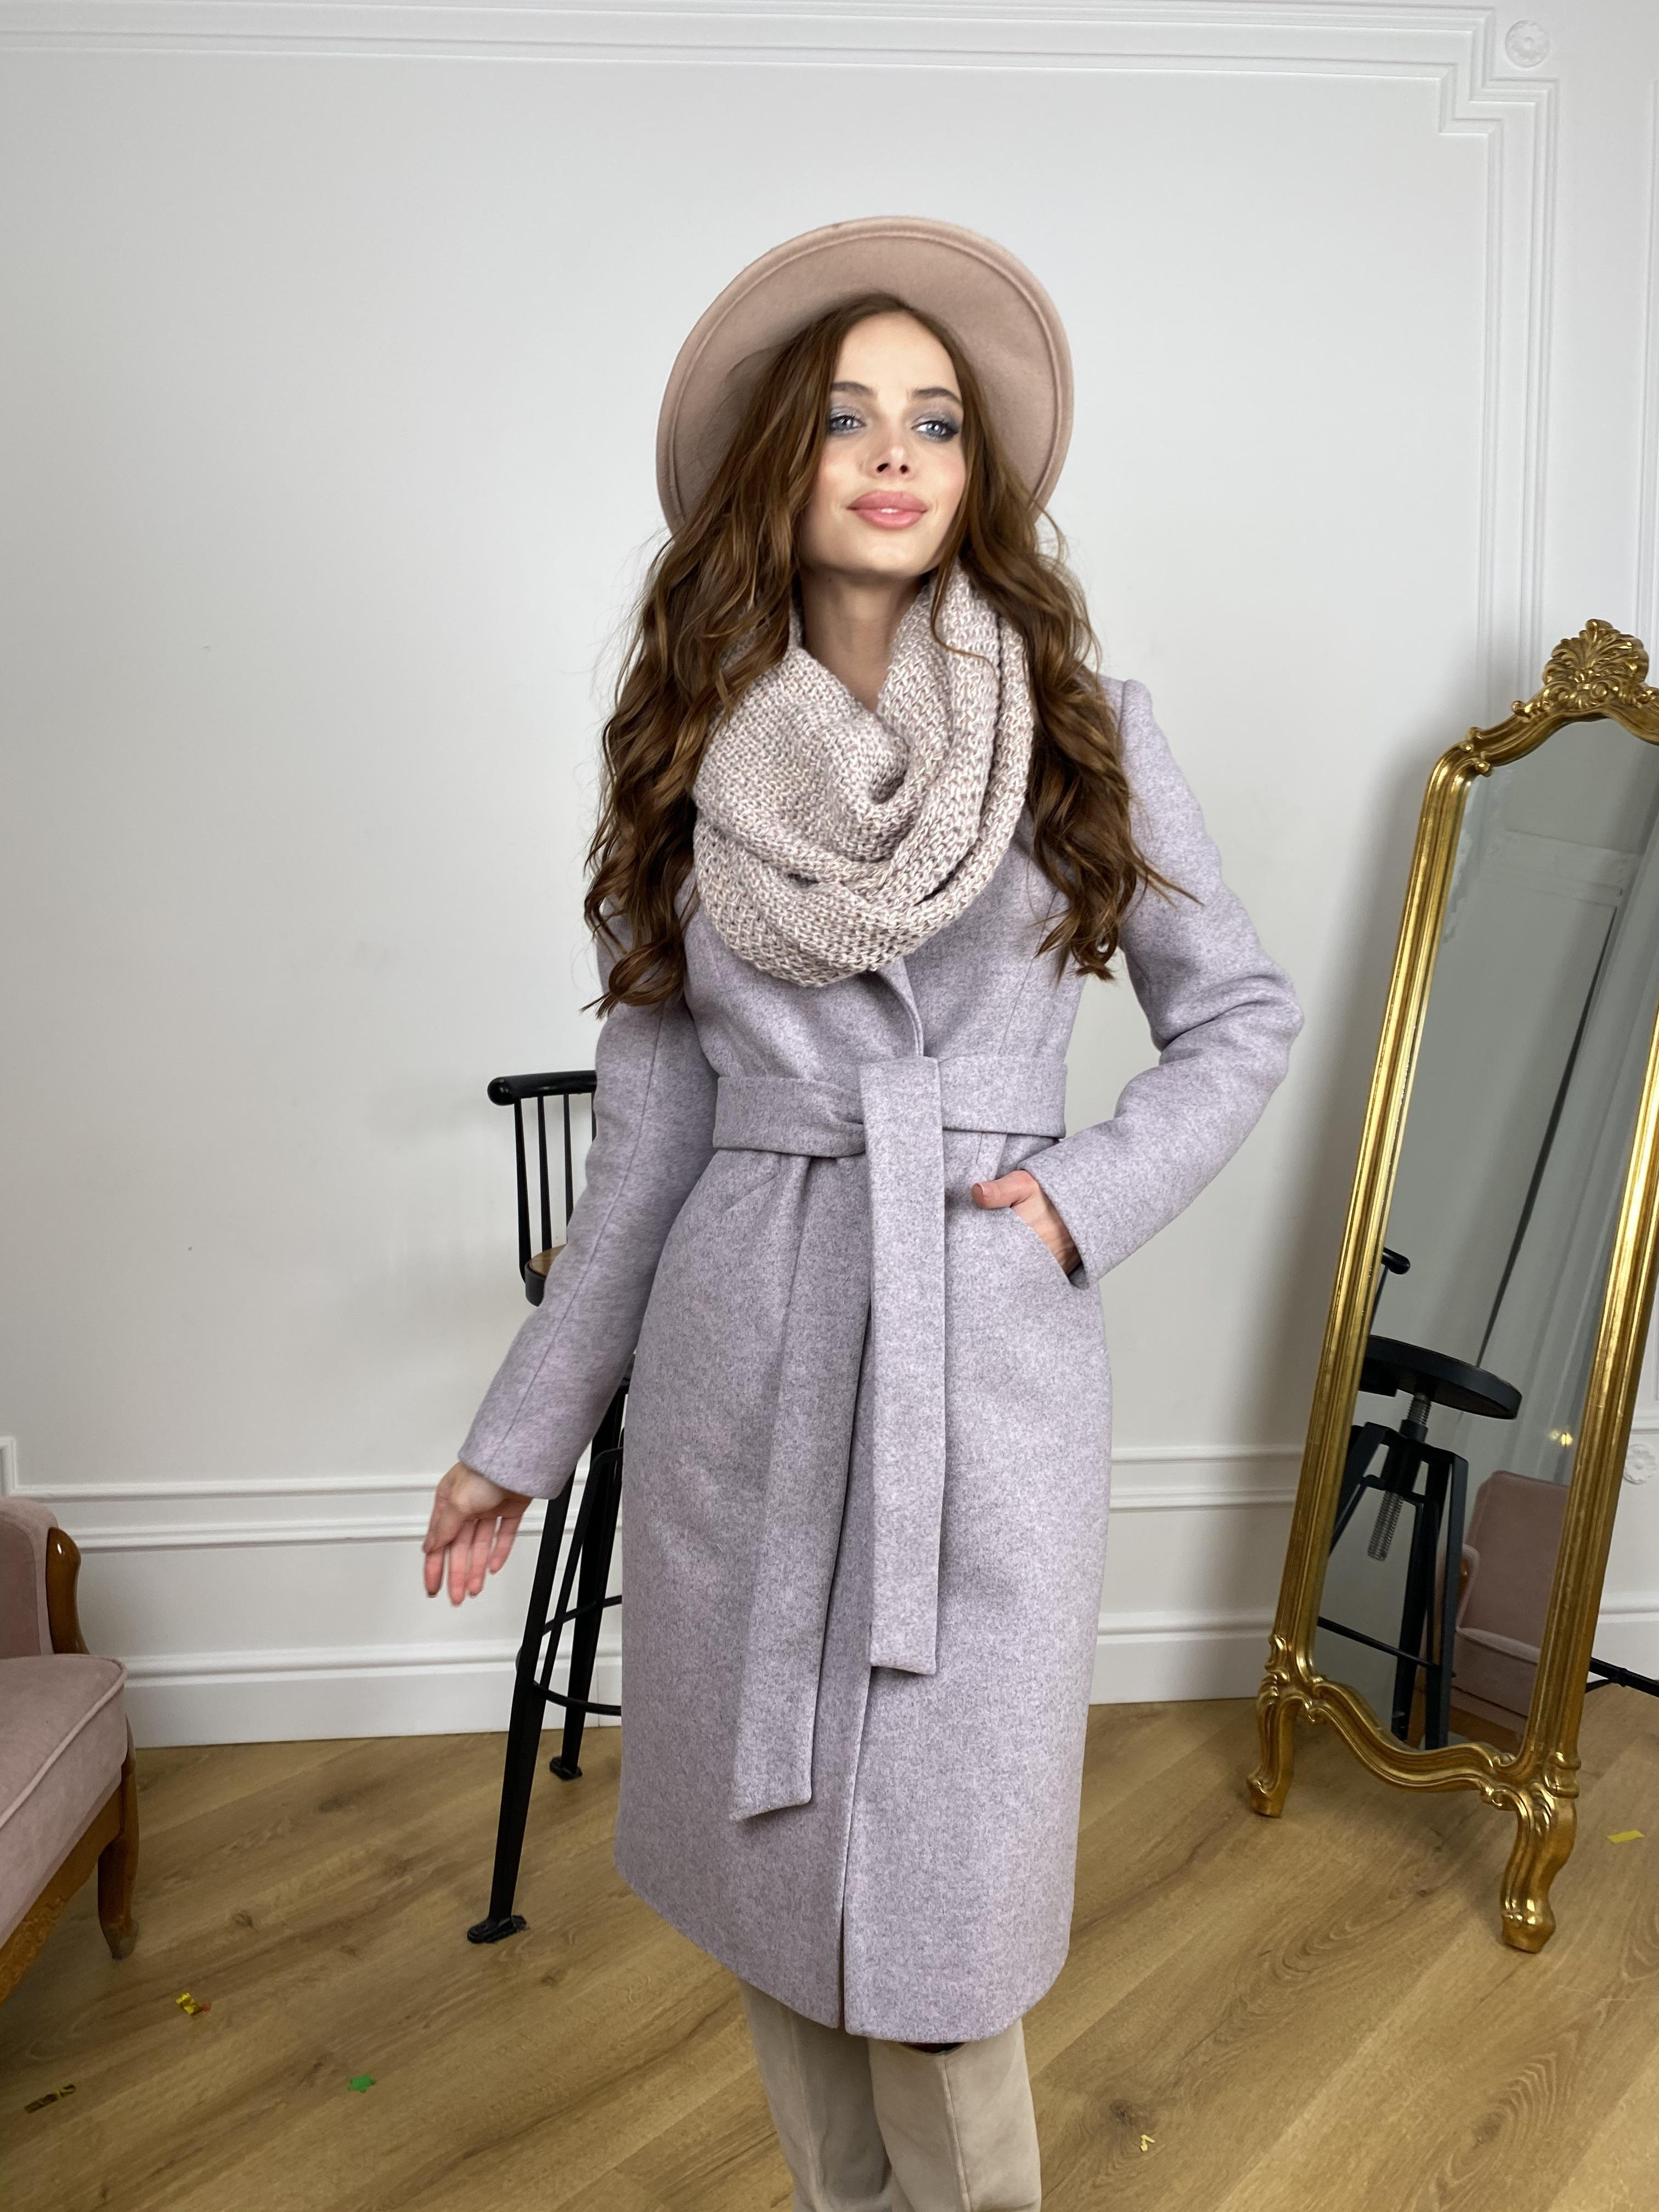 Мехико зимнее пальто из кашемирас с хомутом 10280 АРТ. 46573 Цвет: Серо-розовый 46 - фото 6, интернет магазин tm-modus.ru